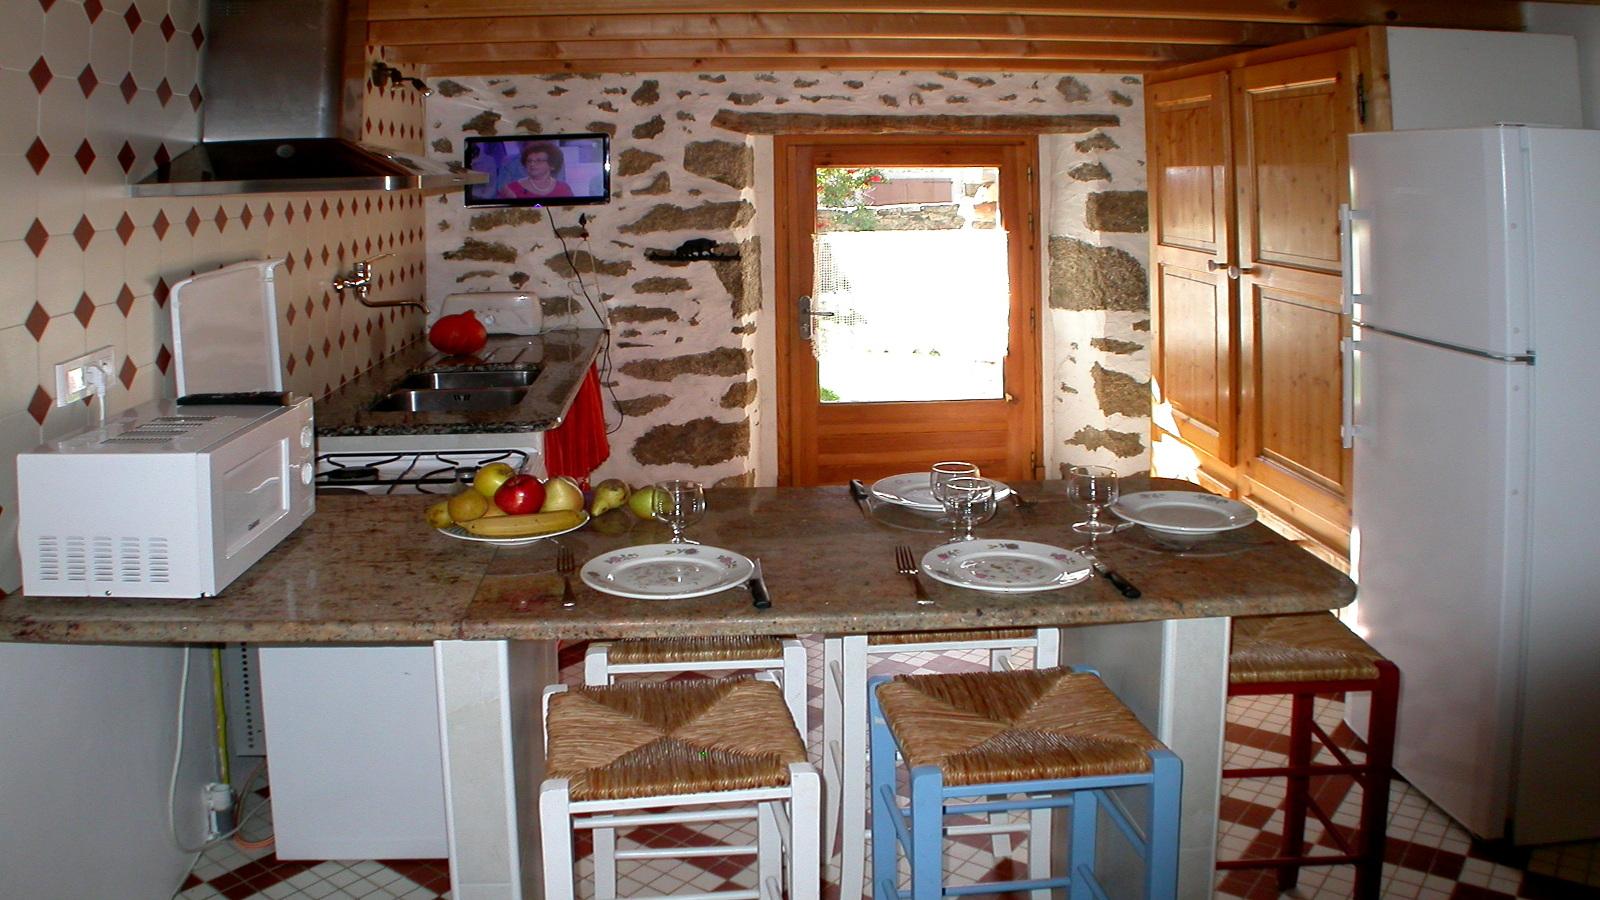 ferienhaus navarre in dorres - küche - Küche Beschreibung